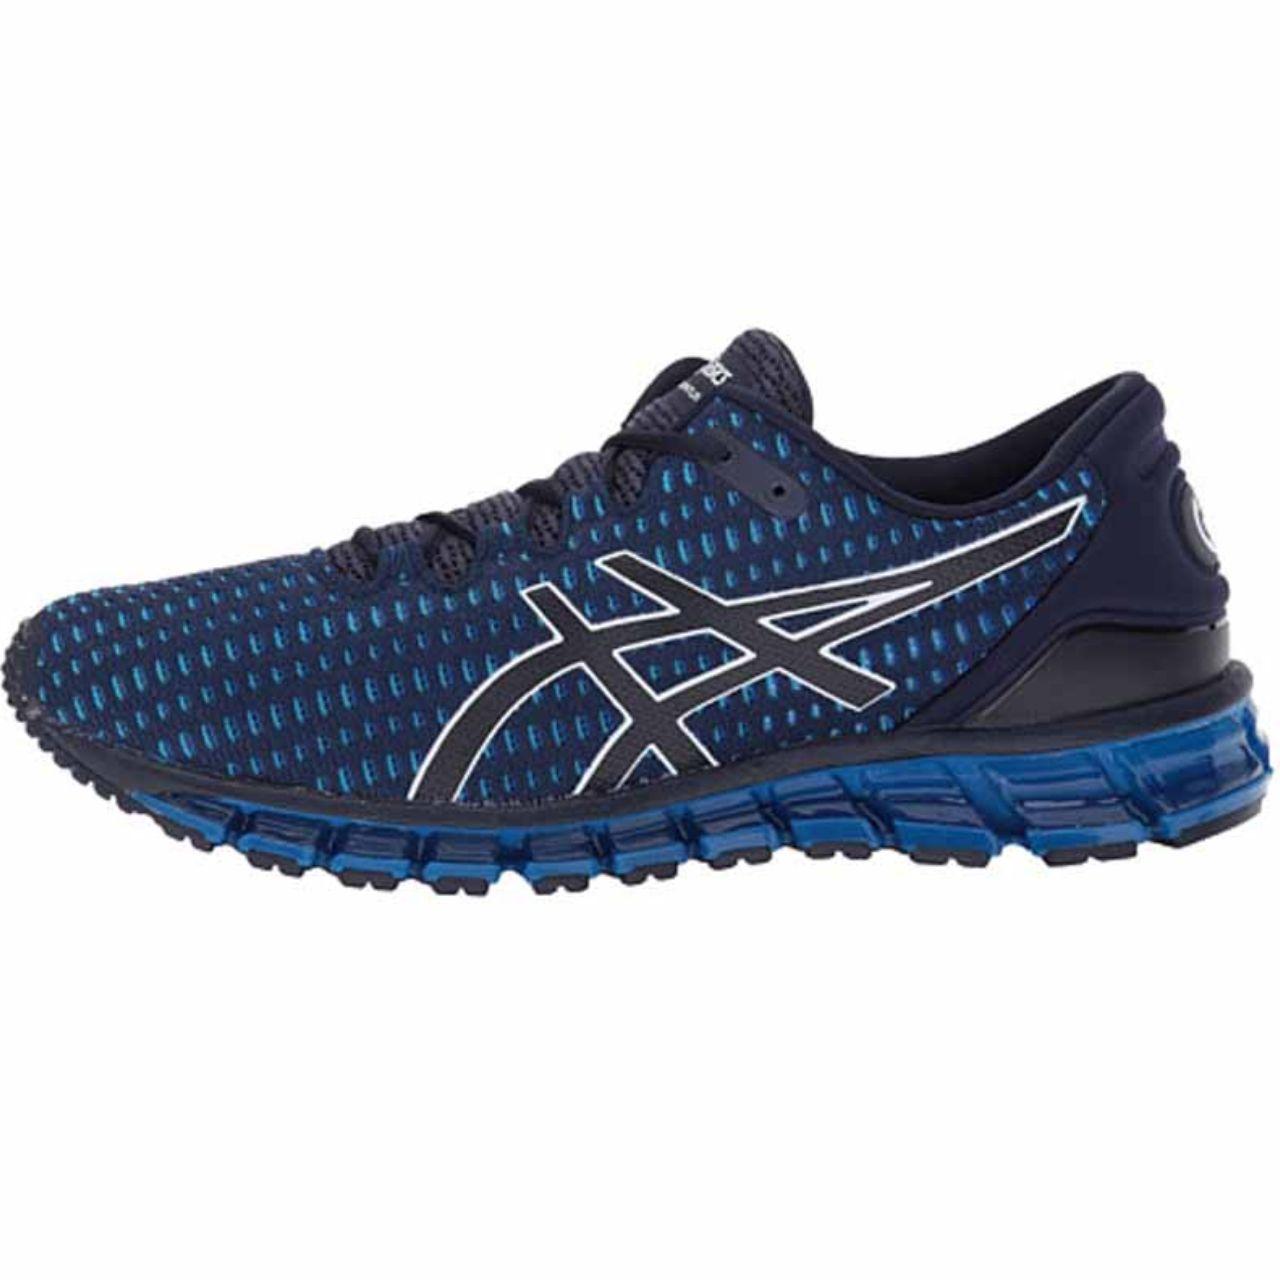 کفش مخصوص دویدن مردانه اسیکس مدل Gel Quantum 360 Shift